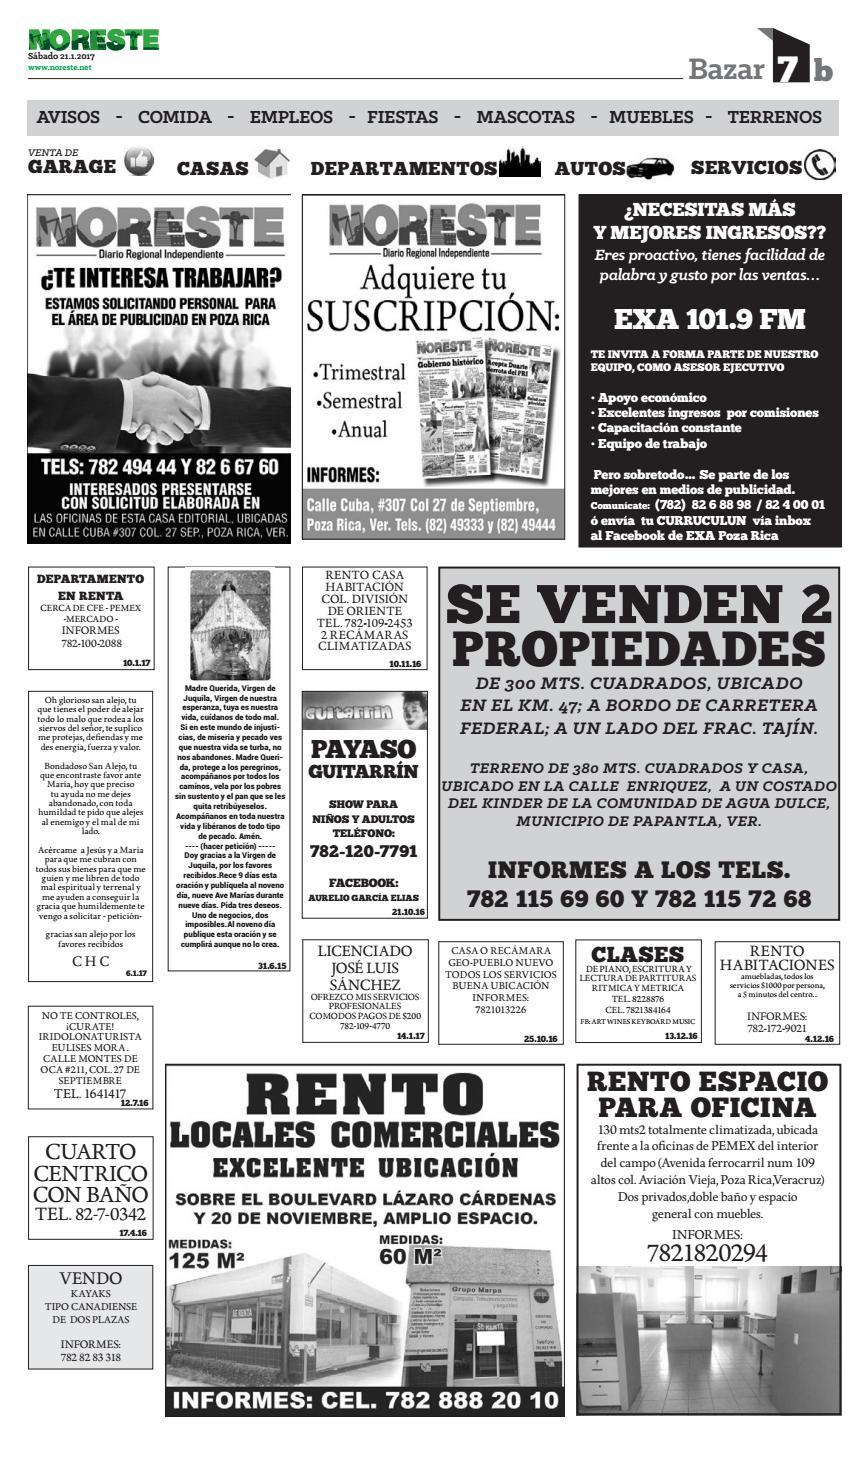 Versi N Impresa 21 De Enero De 2017 By Noreste Diario Regional  # Muebles Poza Rica Veracruz